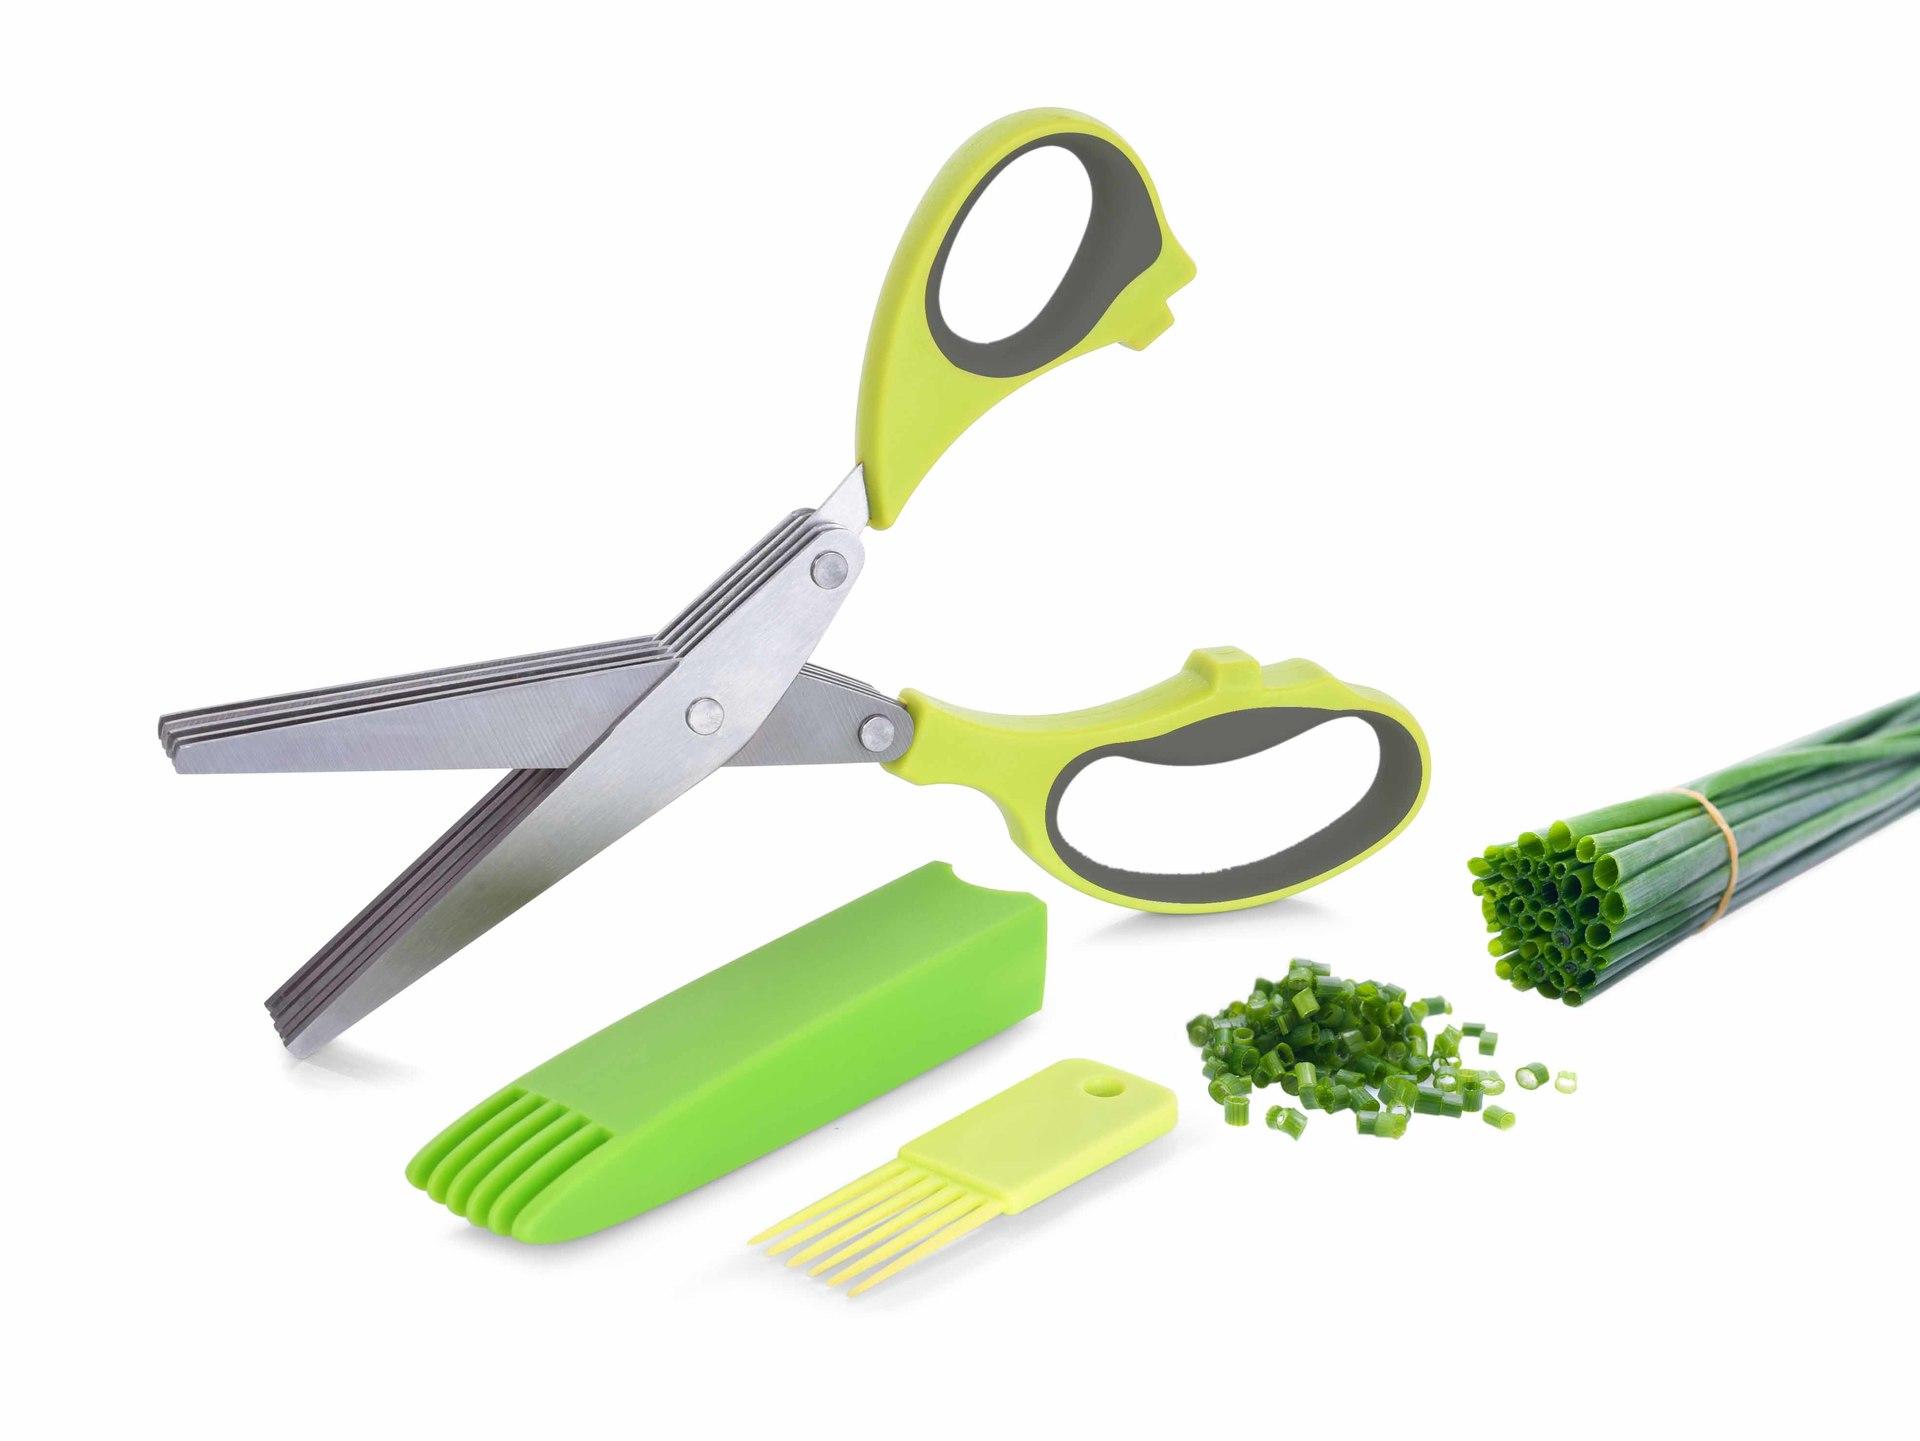 BYLINKÁTOR s 5 břity, nůžky na bylinky, + čistítko a kryt